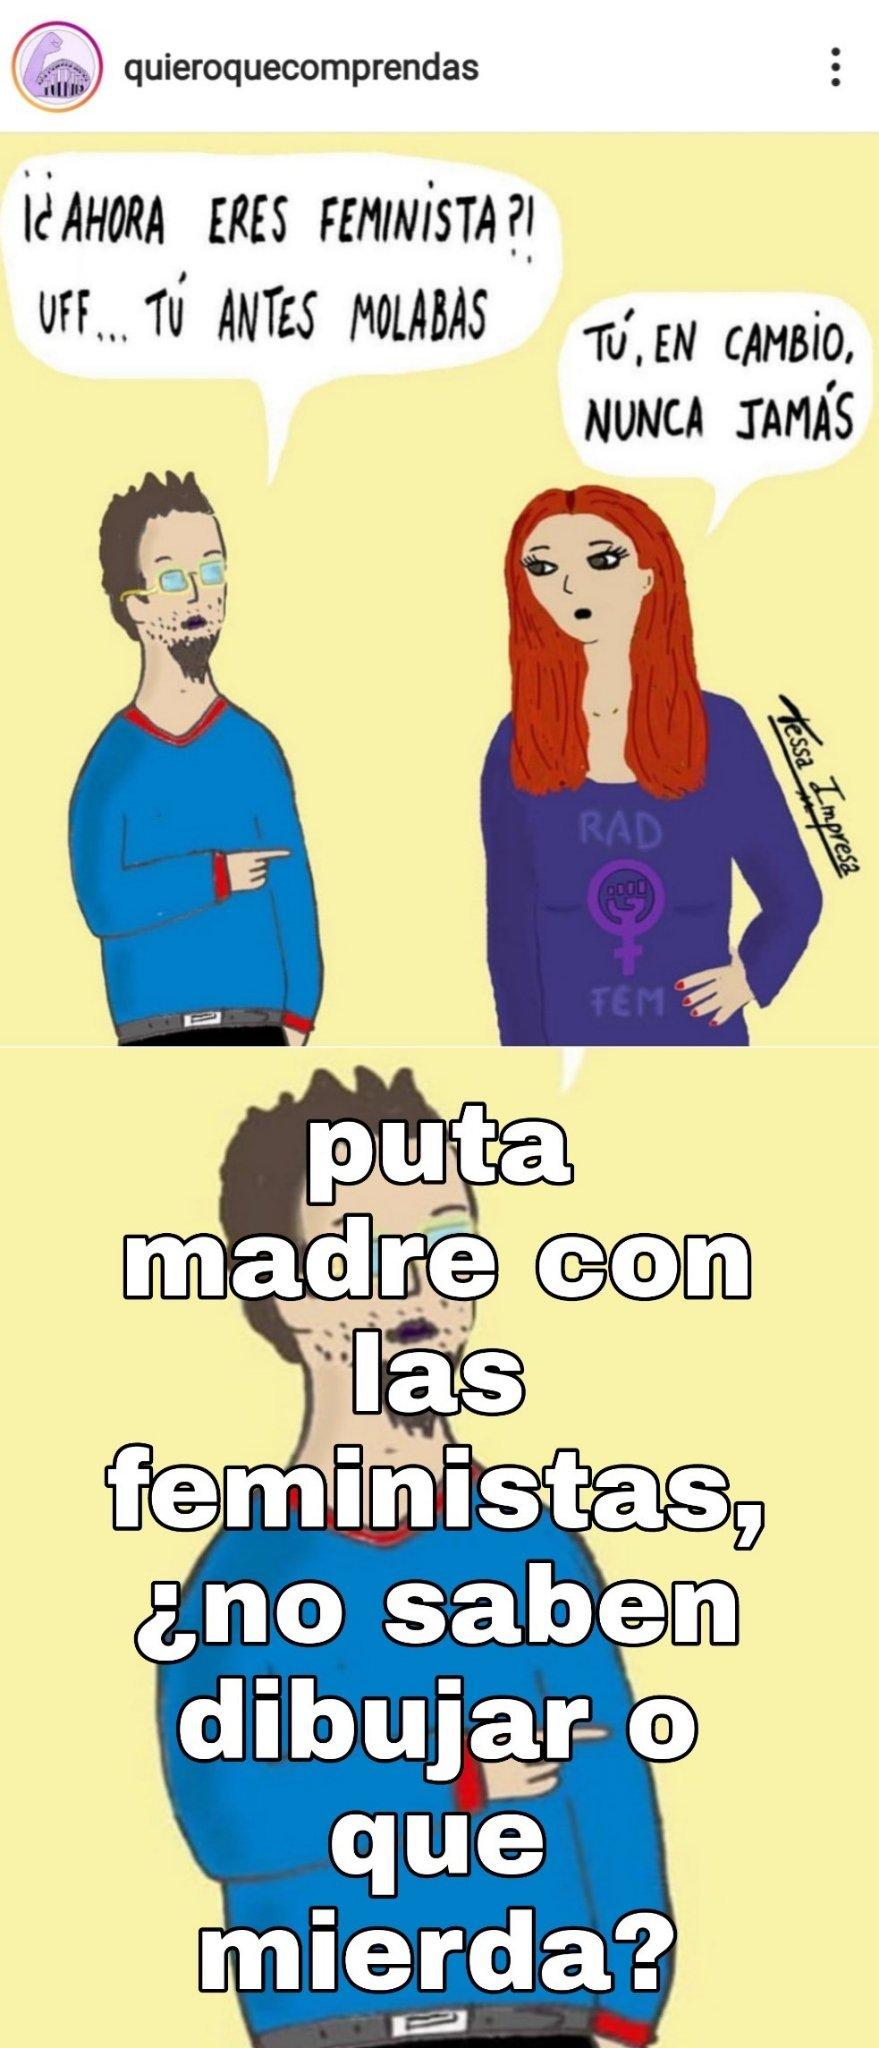 Hasta gonza tiene mas nivel - meme